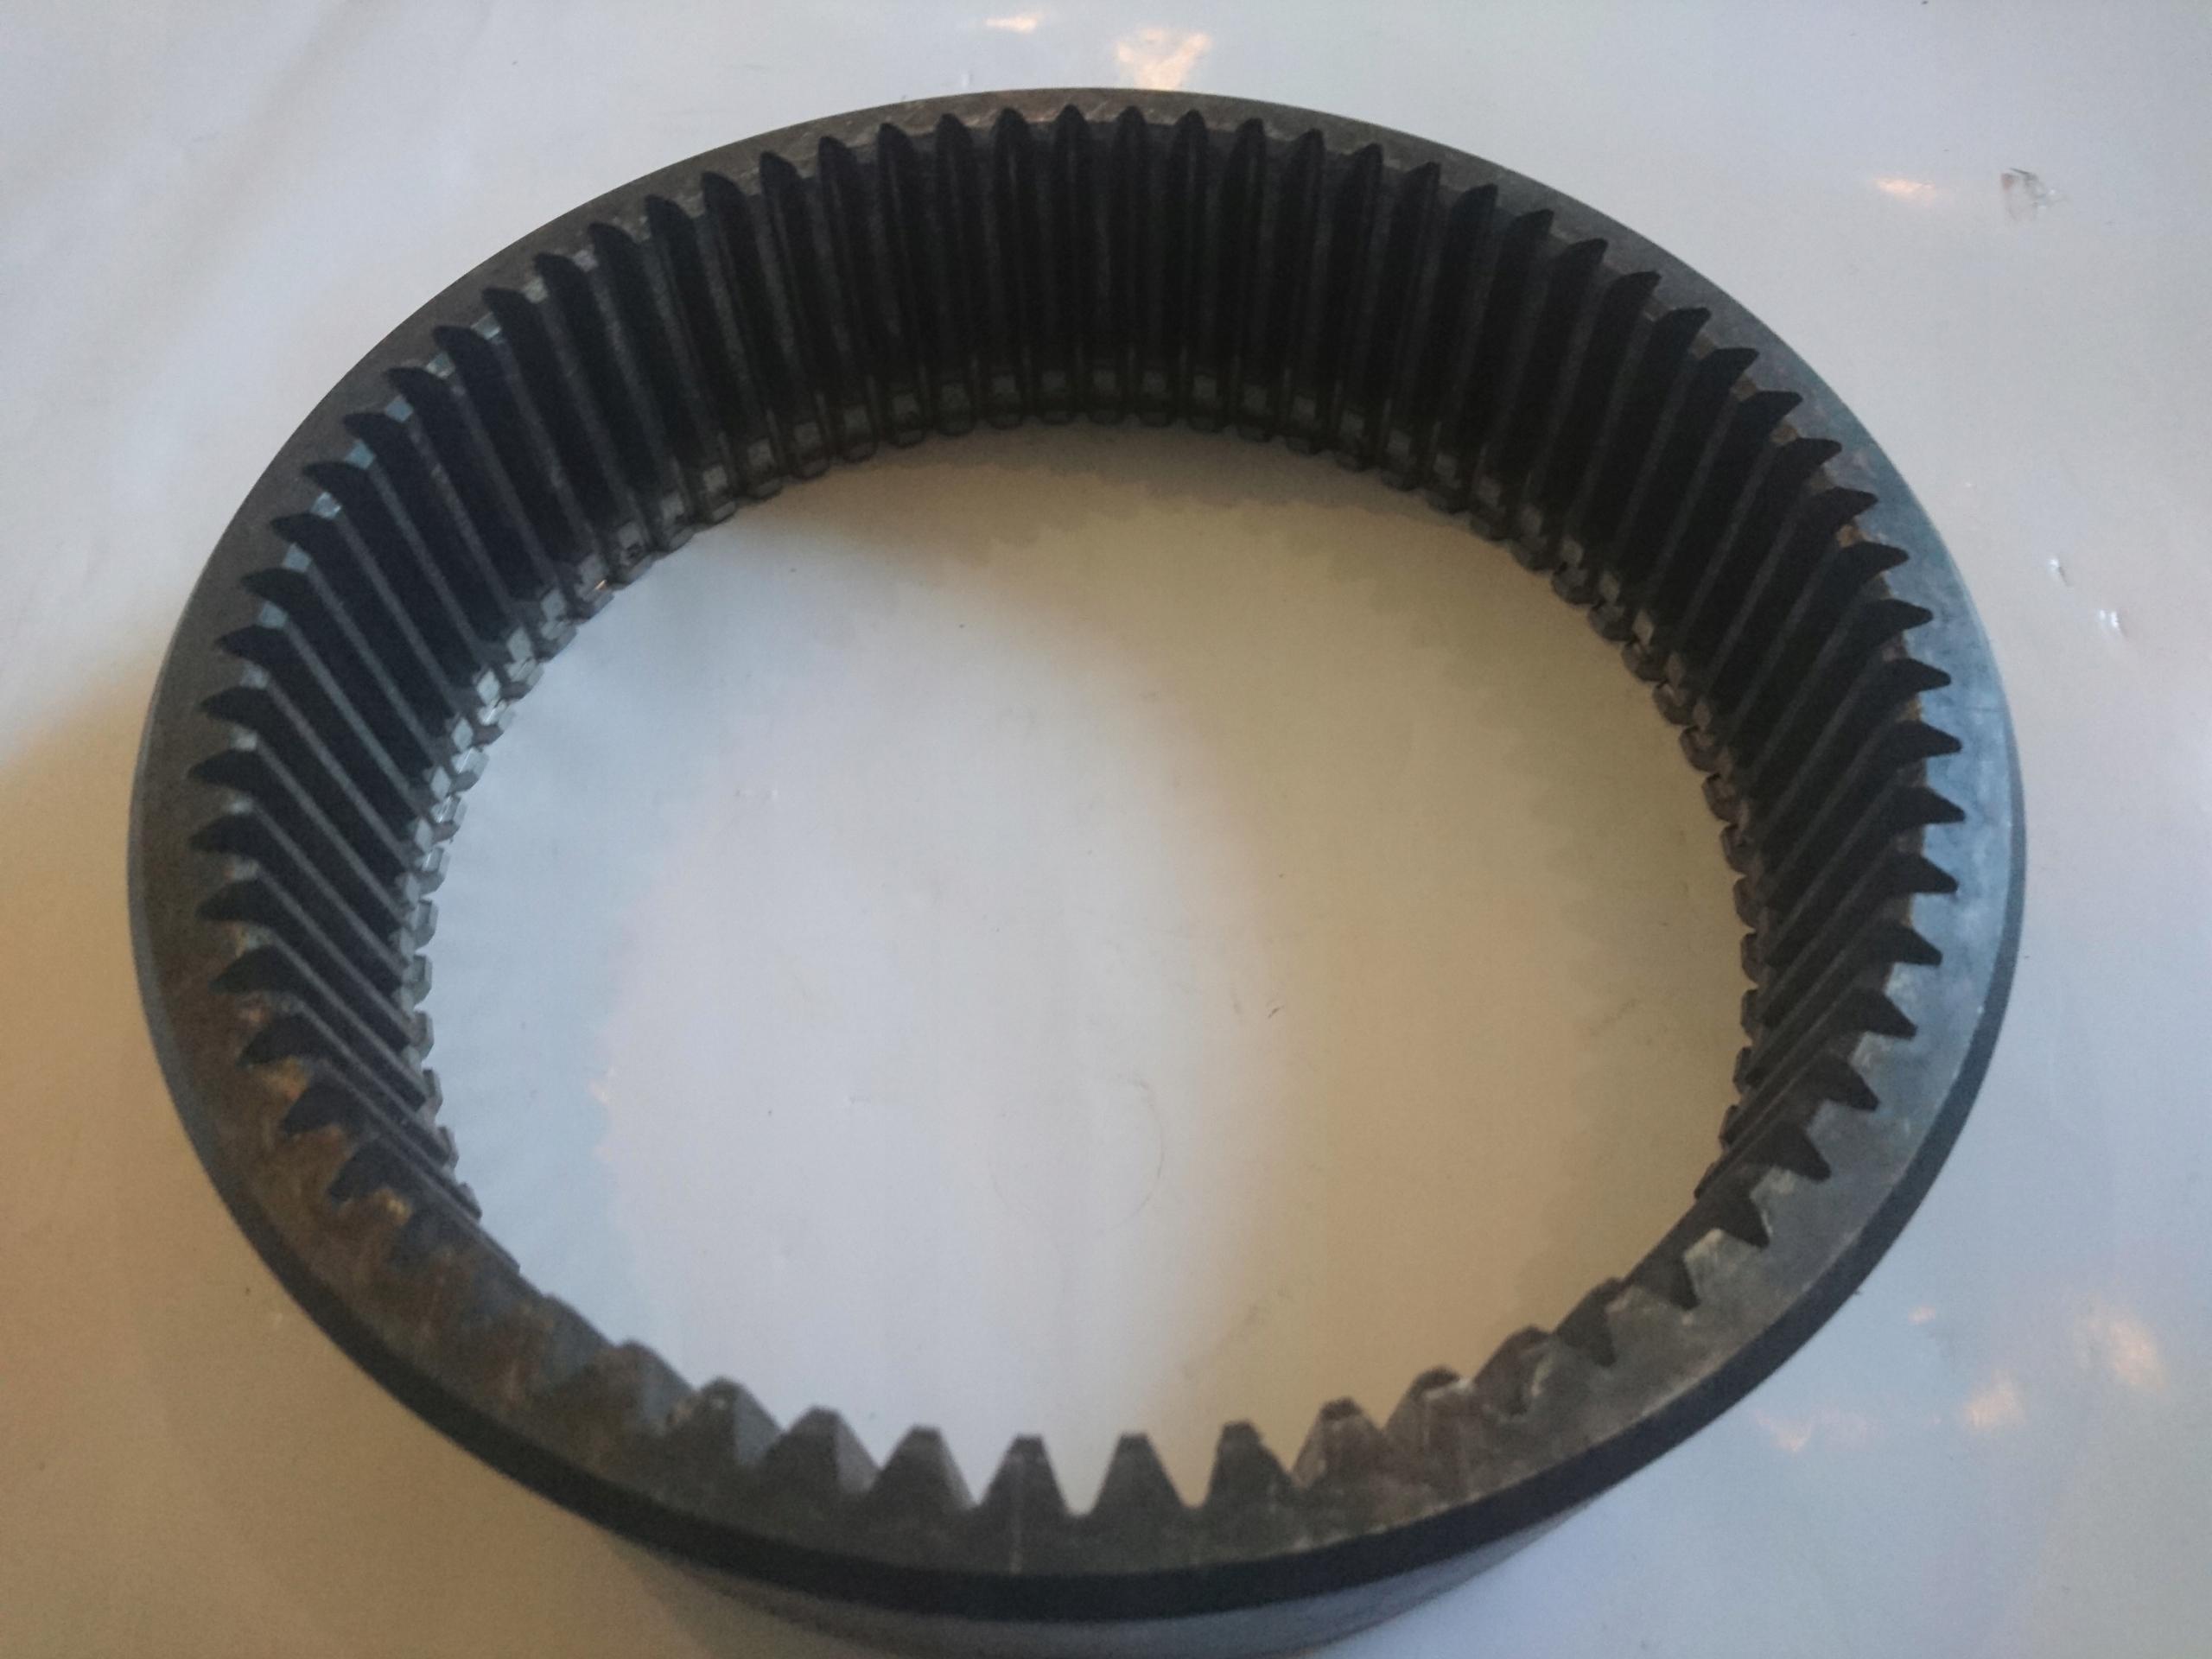 Wieniec piasty koła JCB 3CX 4CX 450/10205